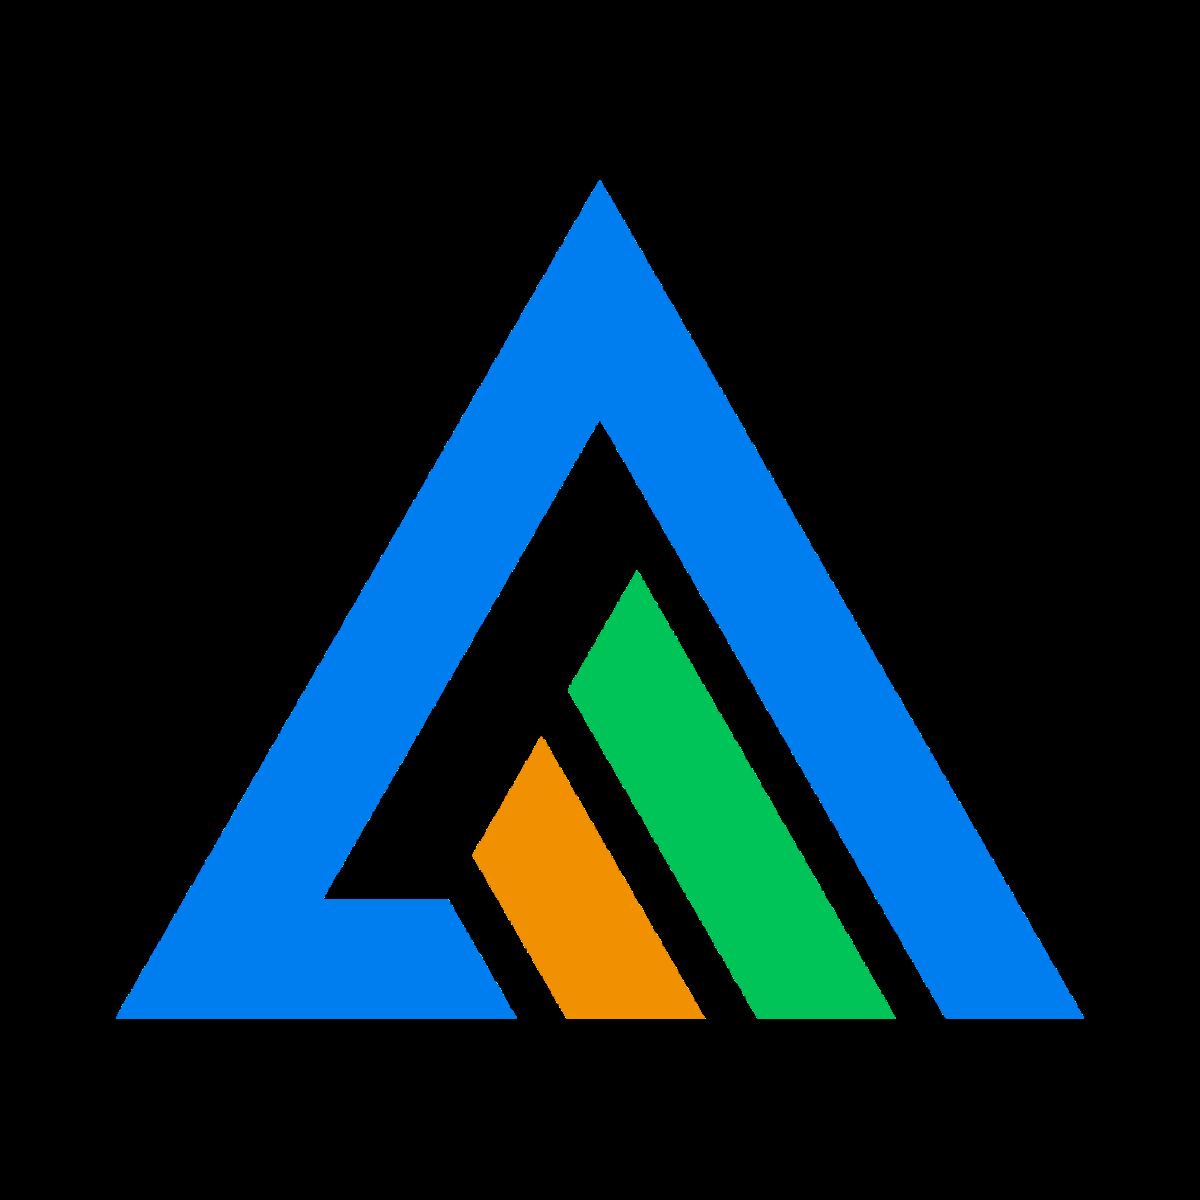 ApexCharts.js icon